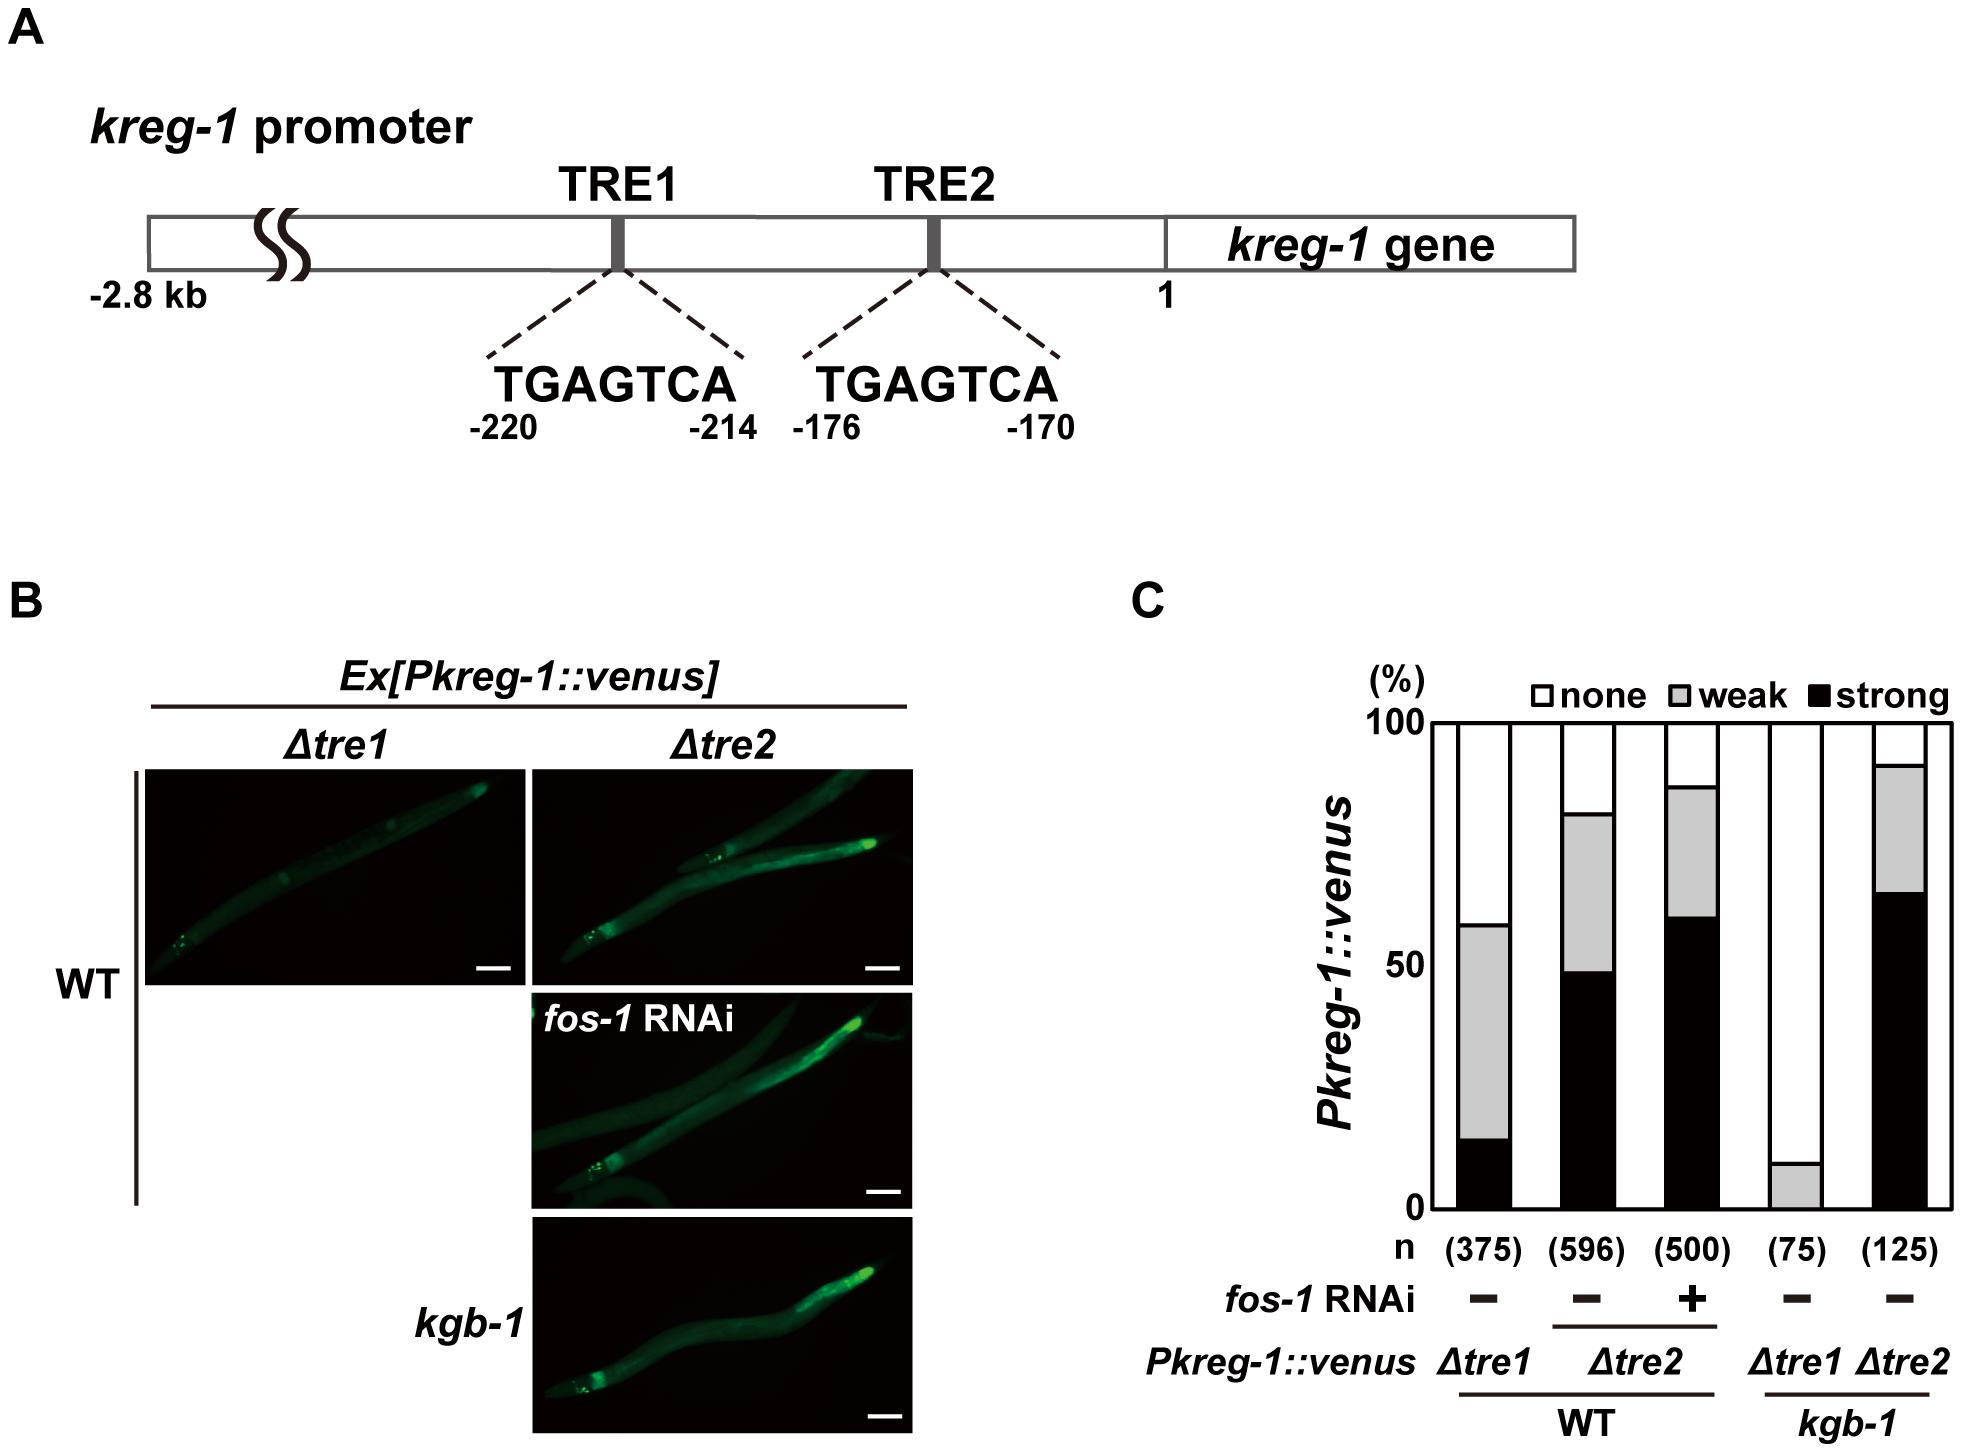 FOS-1 negatively regulates <i>kreg-1</i> expression via the TRE2 site.